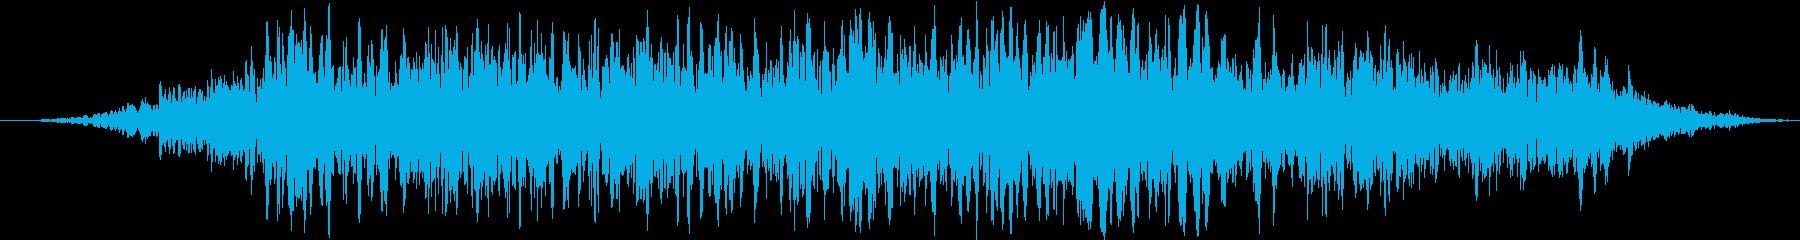 ヘビーローレザー摩擦摩擦の再生済みの波形